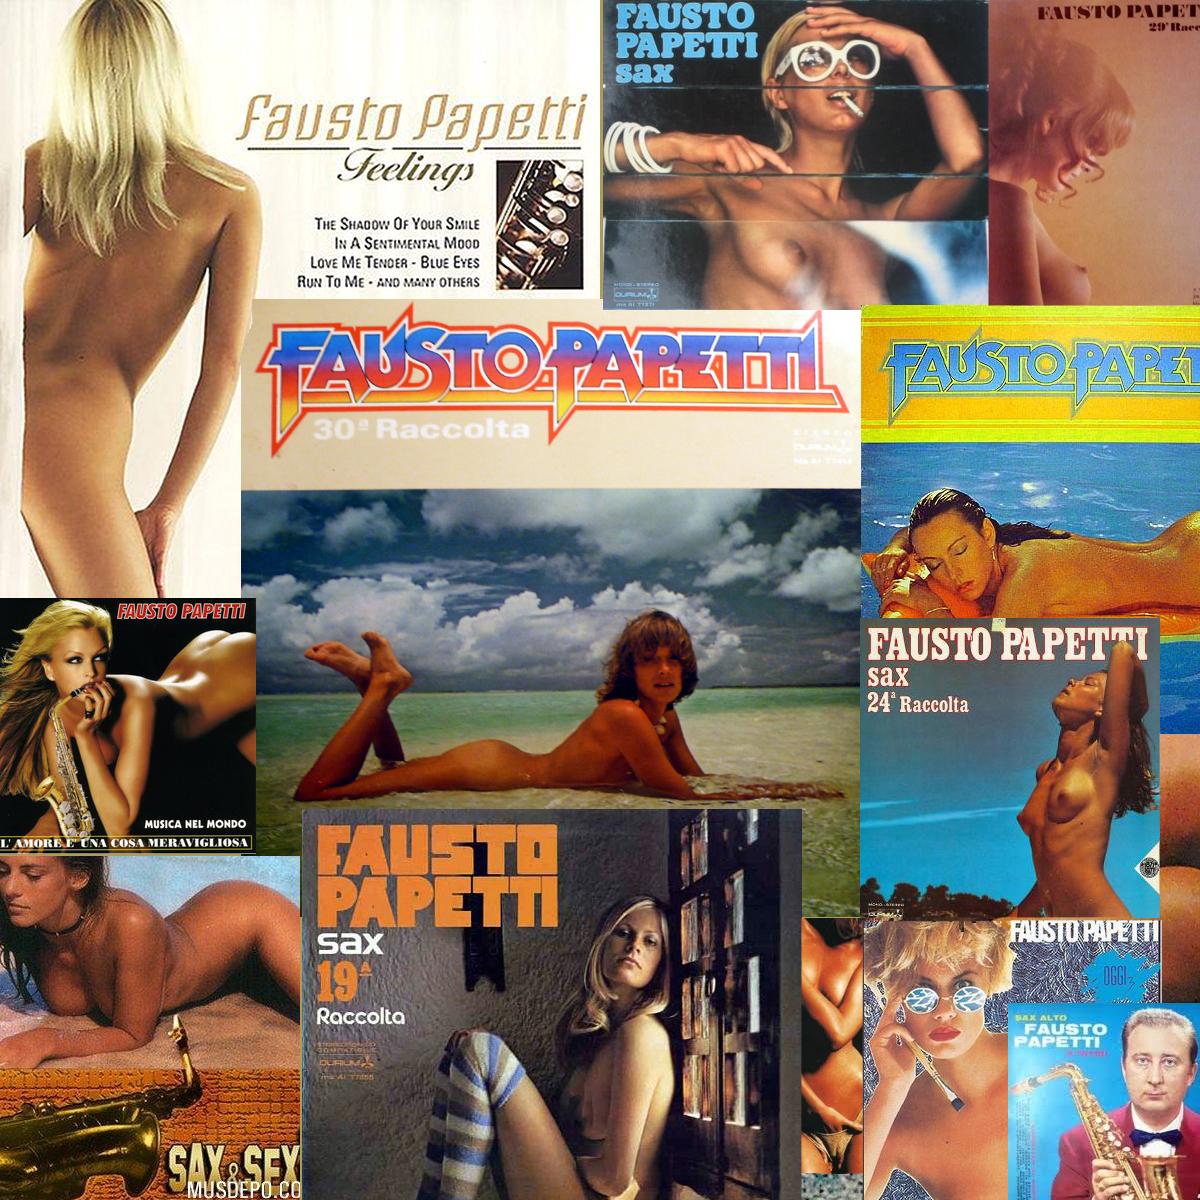 La copertina più trash! Fausto+Papetti+-+potpourri+copertine